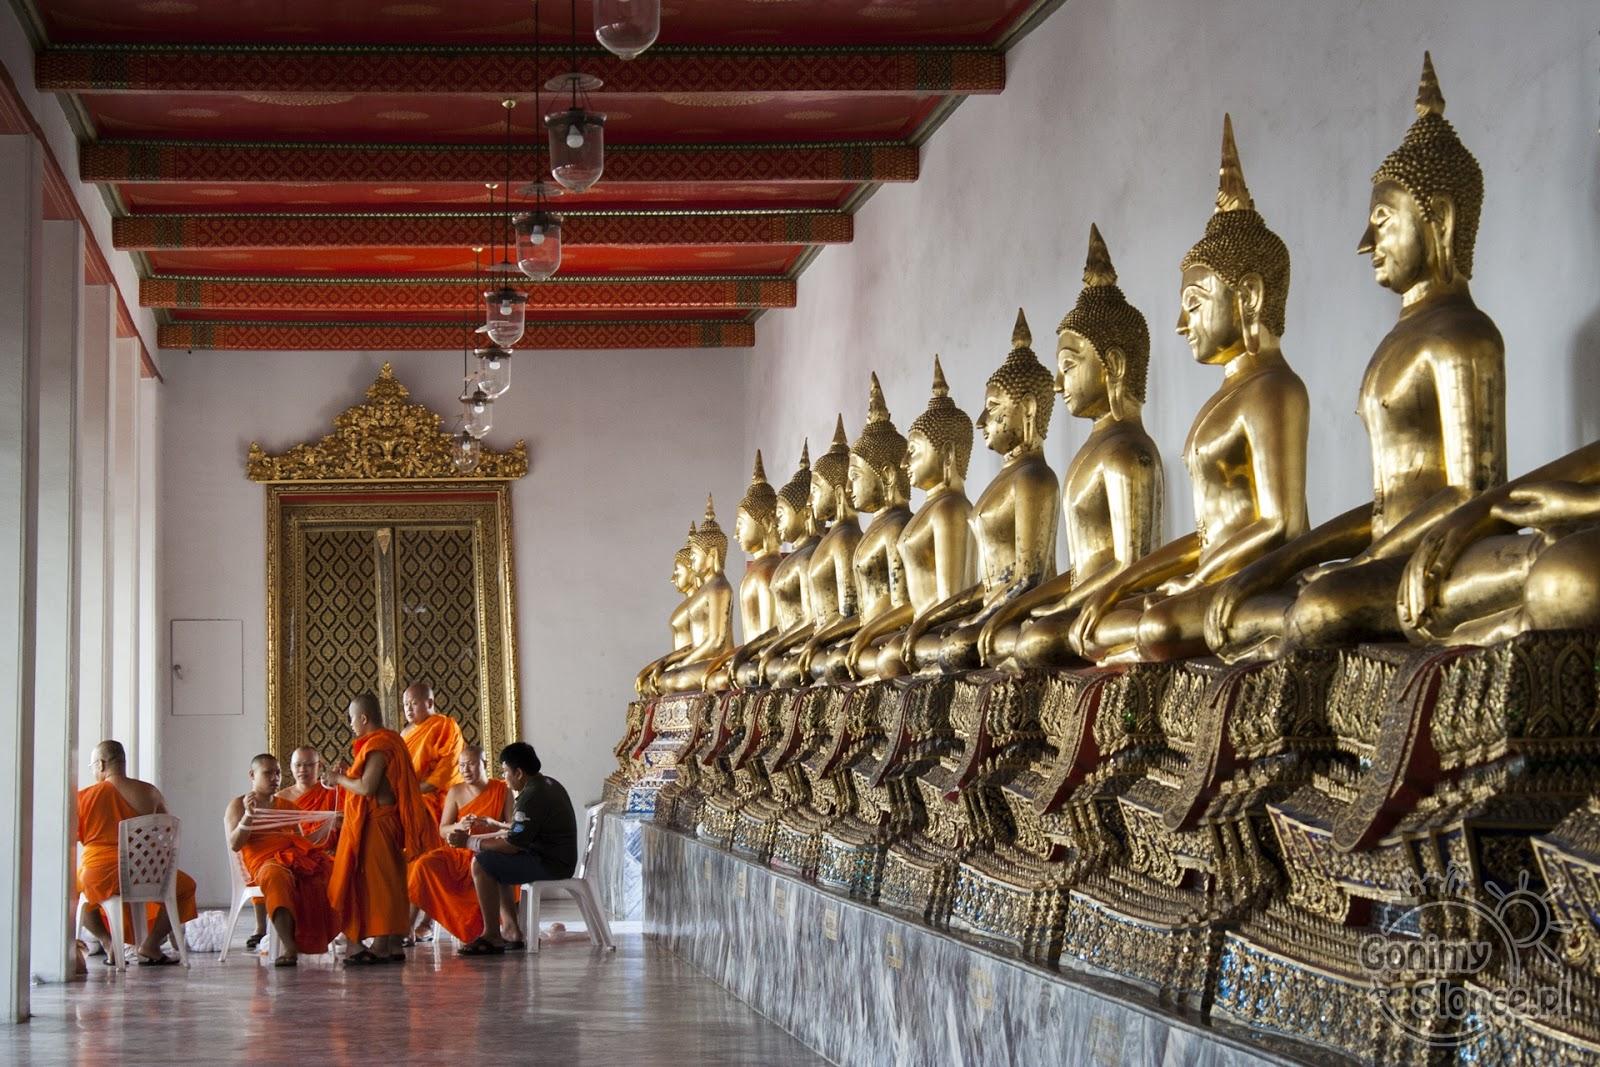 Świątynia Wat Pho w Bangkoku, Budda, Mnisi i ich obowiązki